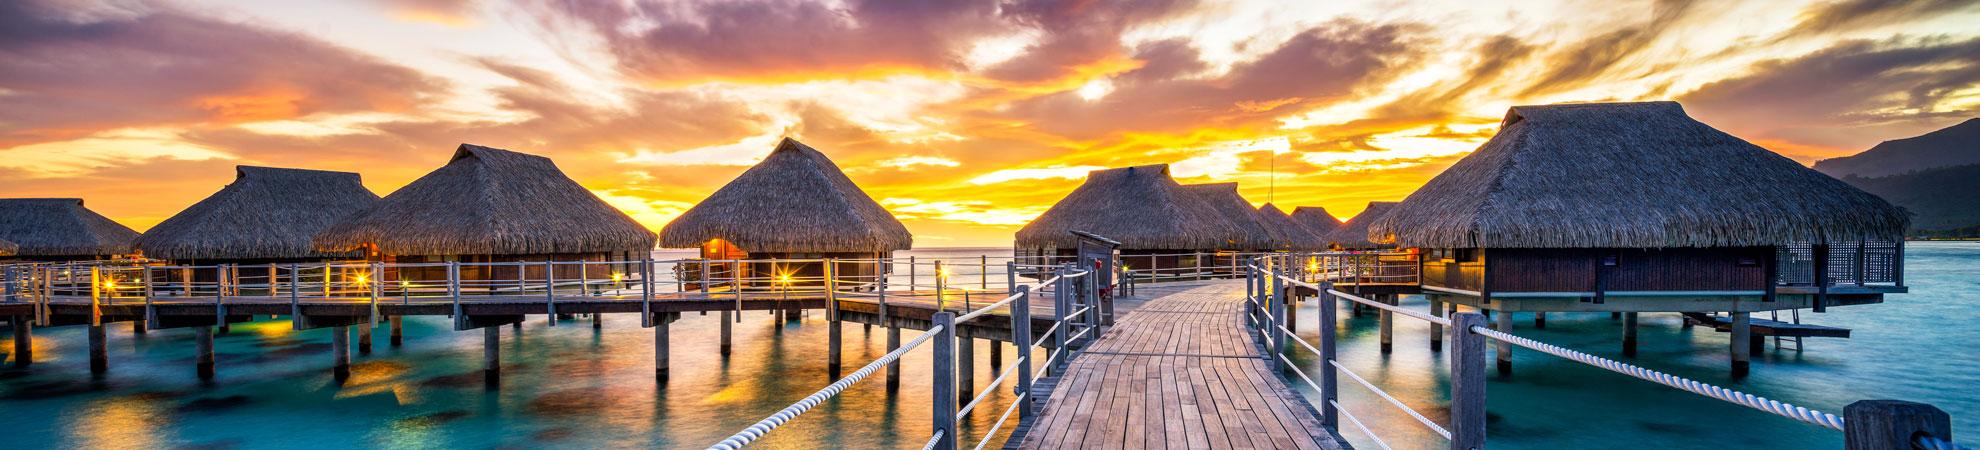 Quel guide de voyage choisir pour son circuit en Polynésie